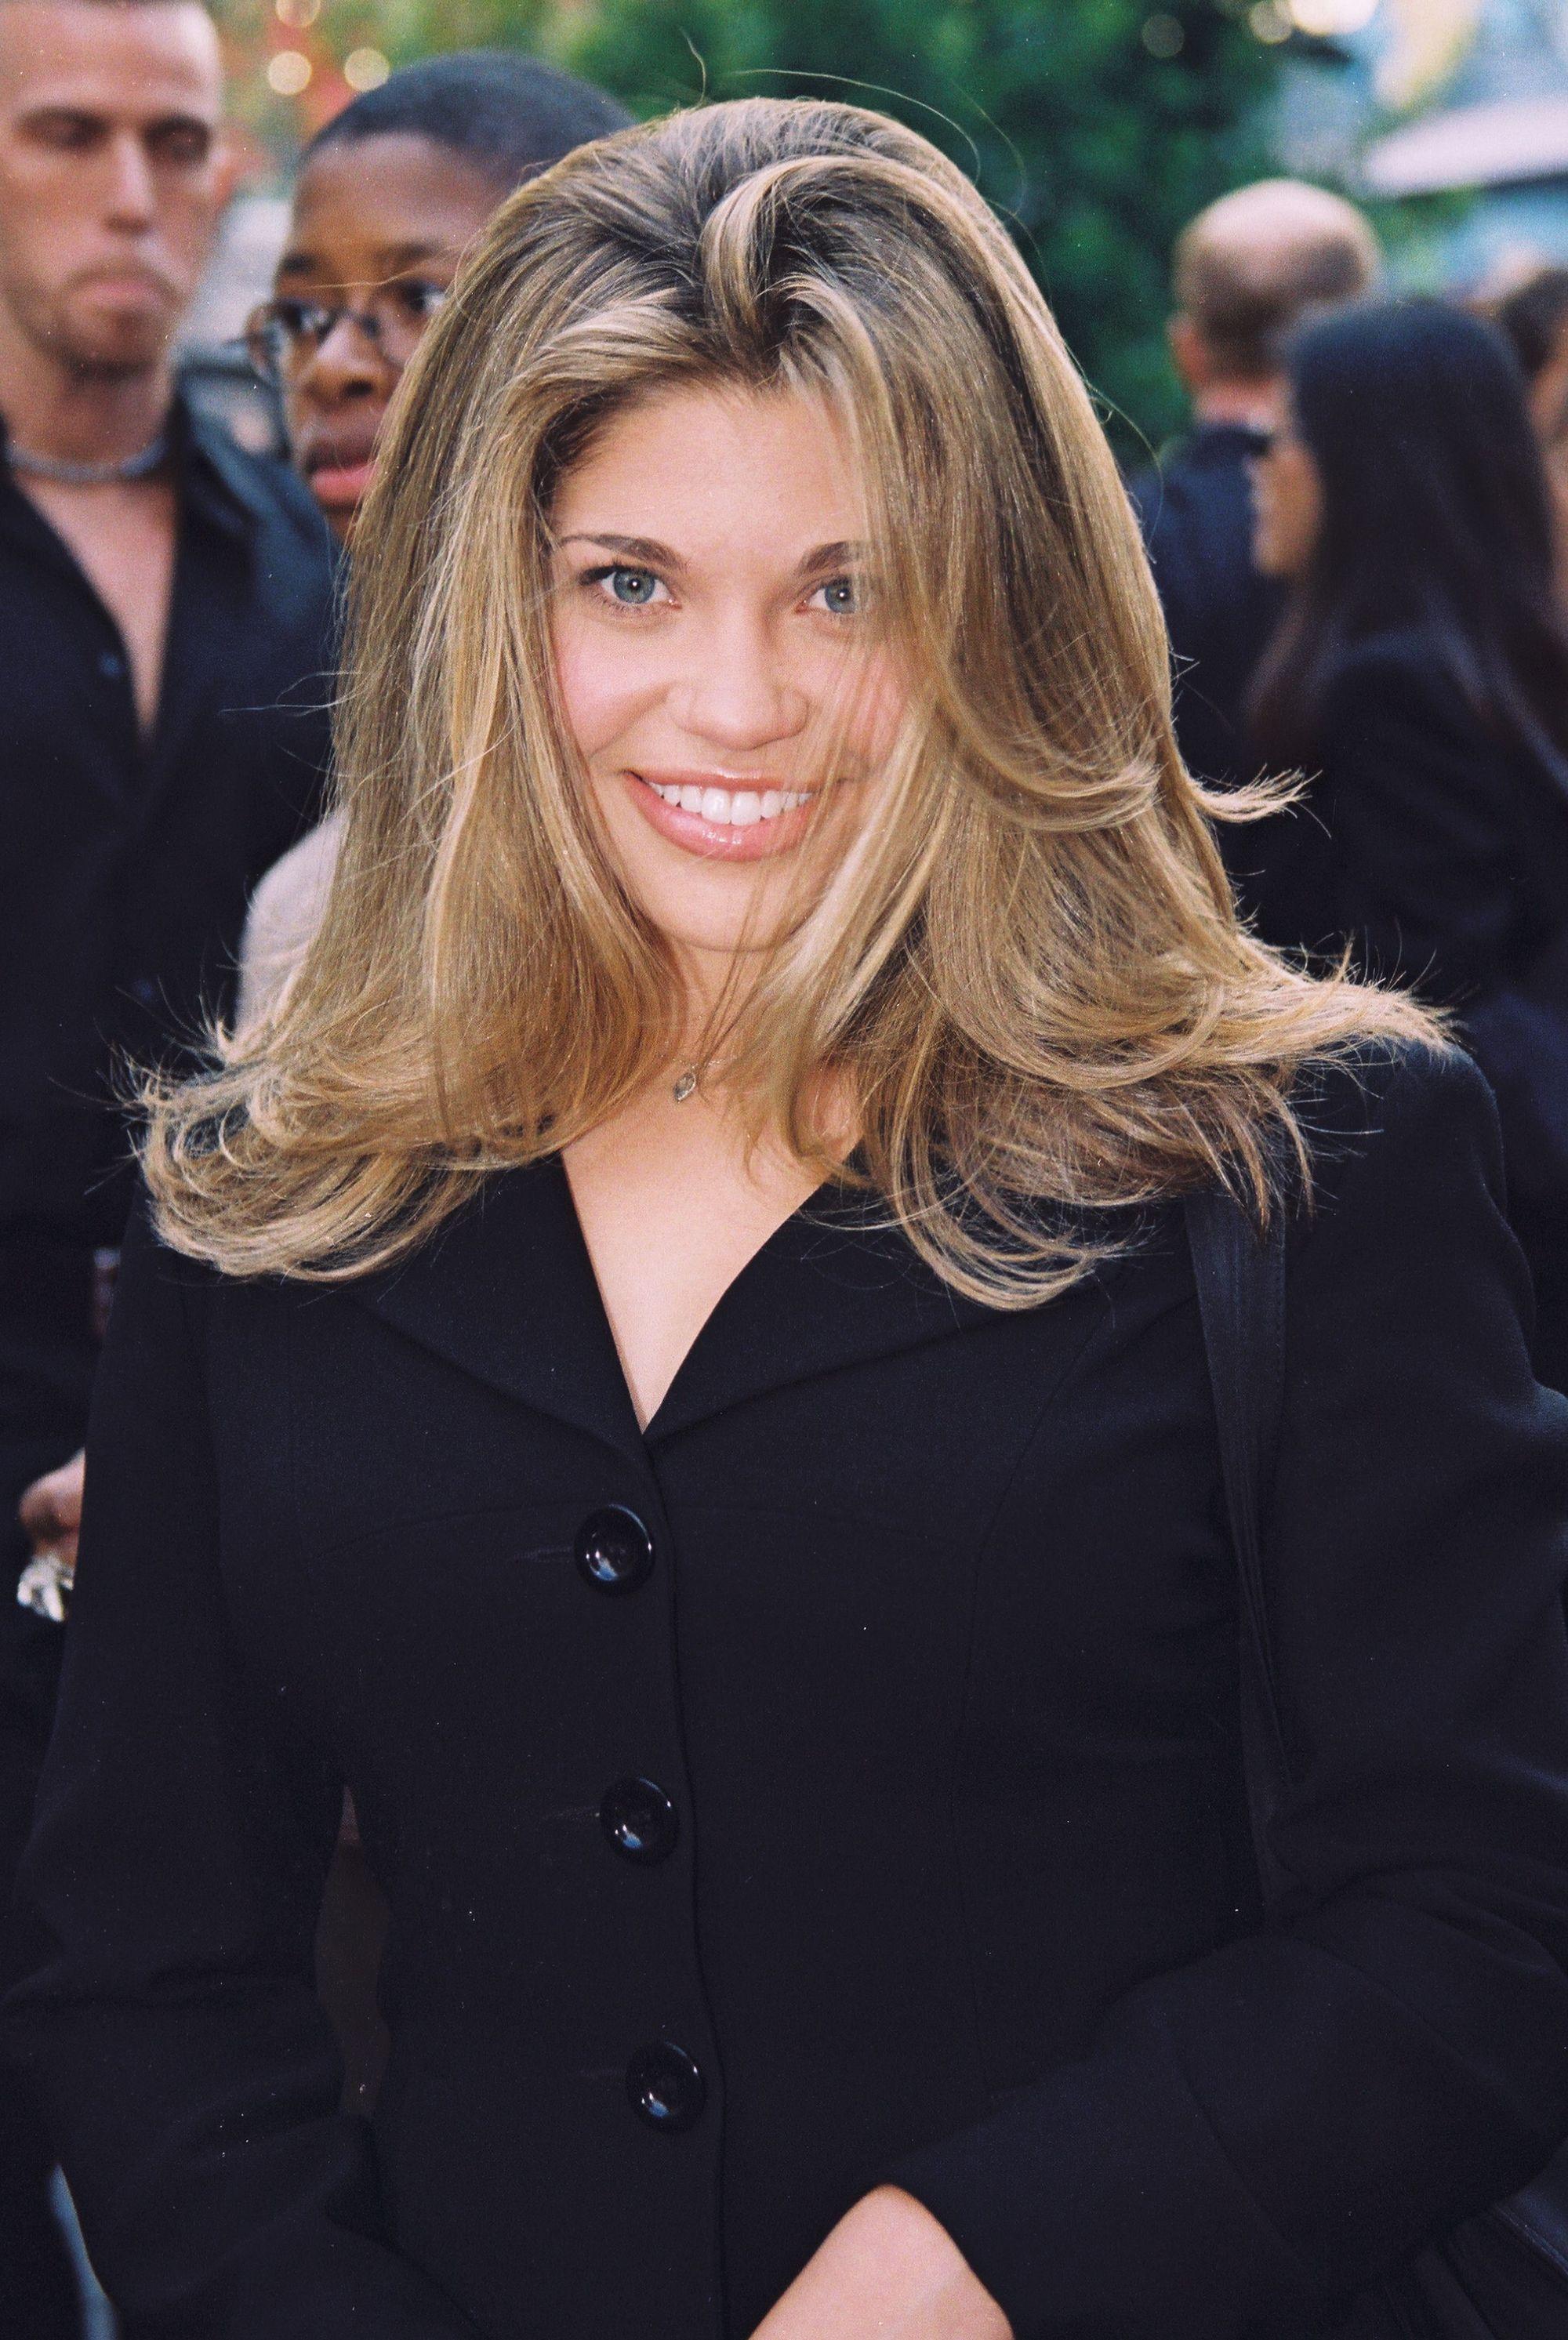 Danielle Fishel avec de longs cheveux blonds superposés sur le tapis rouge